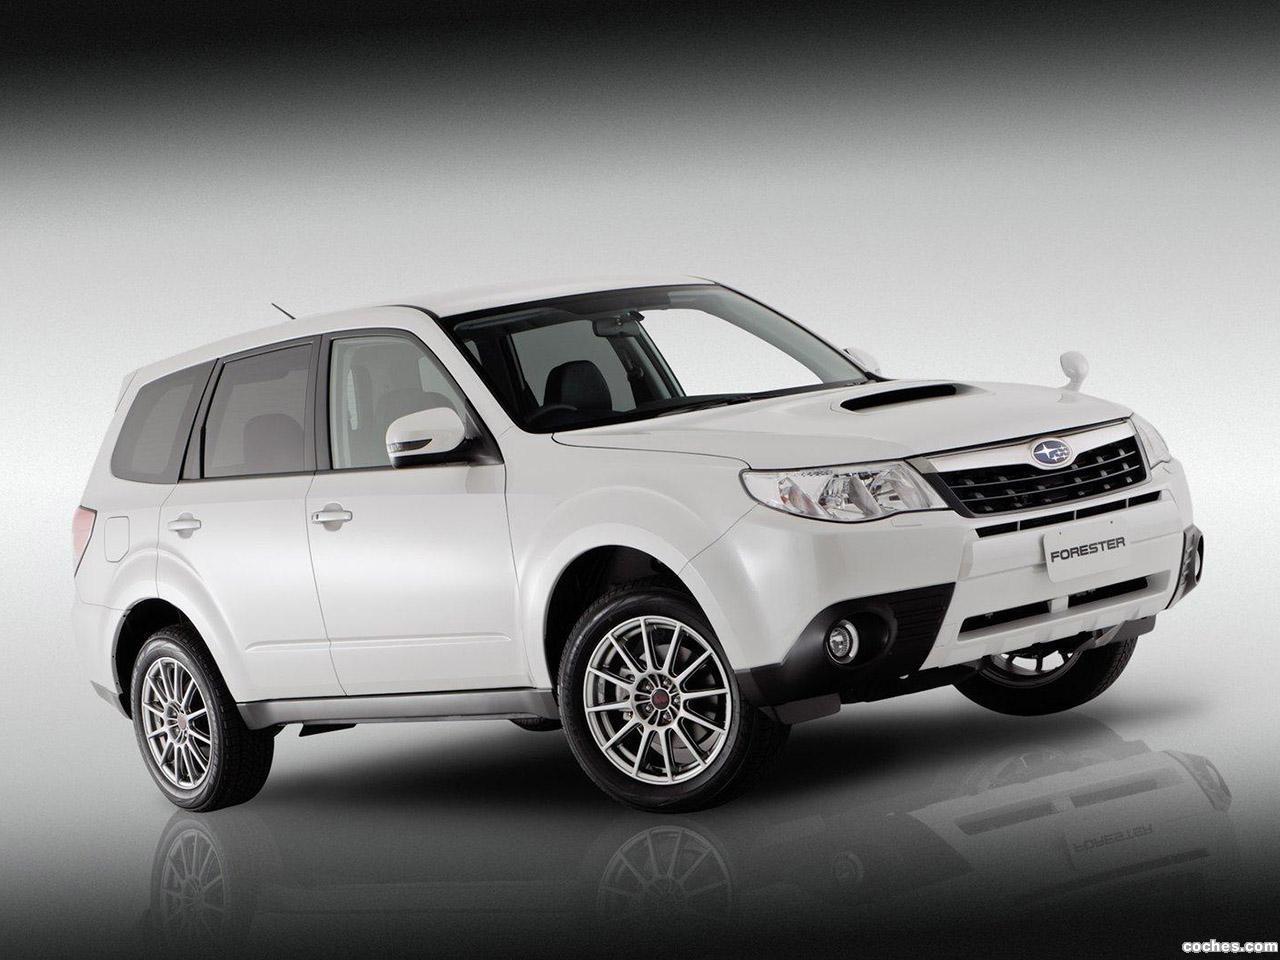 Foto 0 de Subaru Forester S Edition 2010